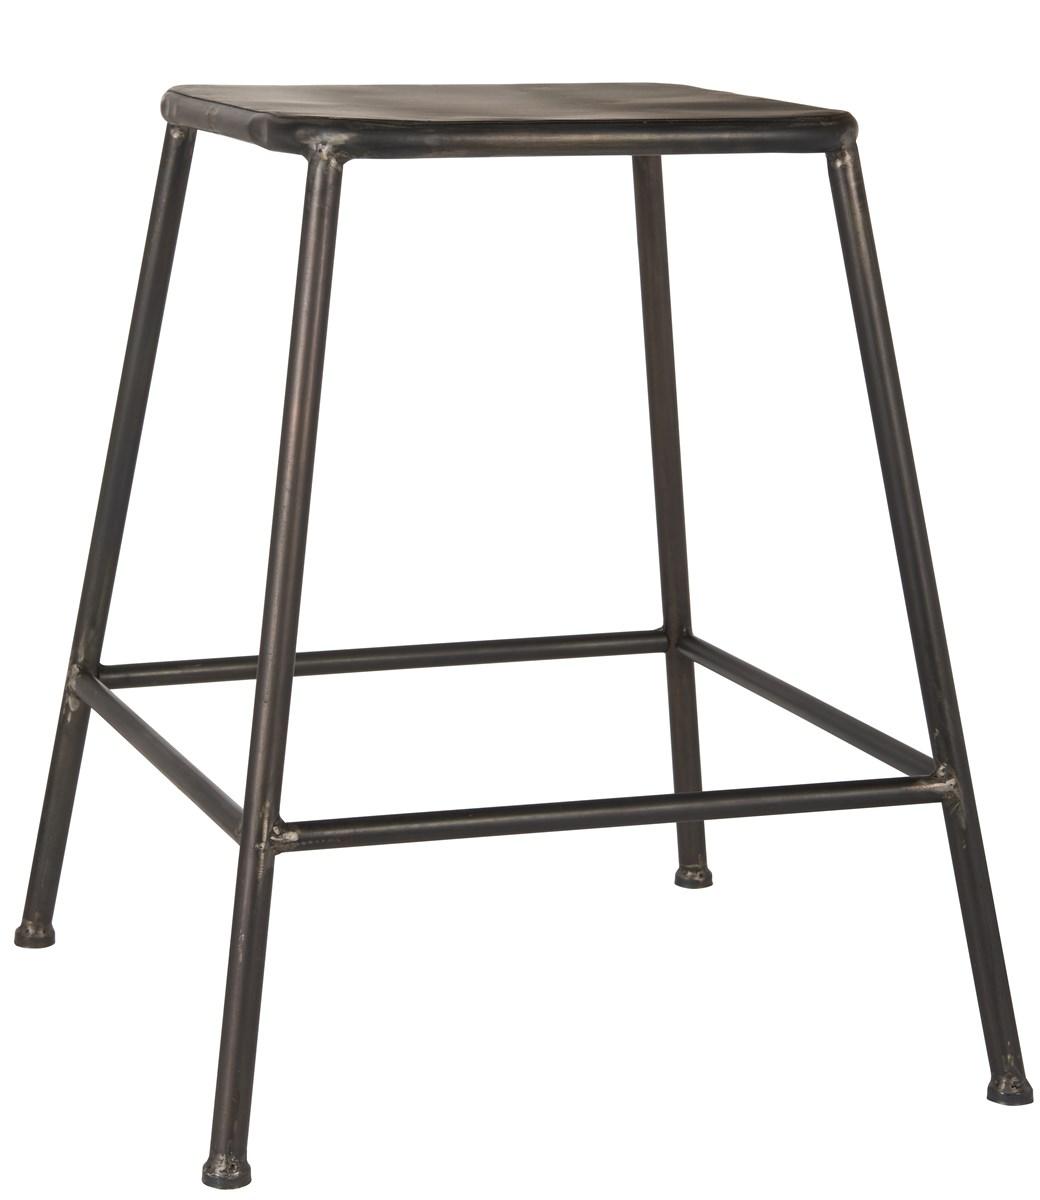 Billede af IB LAURSEN Skammel metalsæde sæde: 29x29 cm